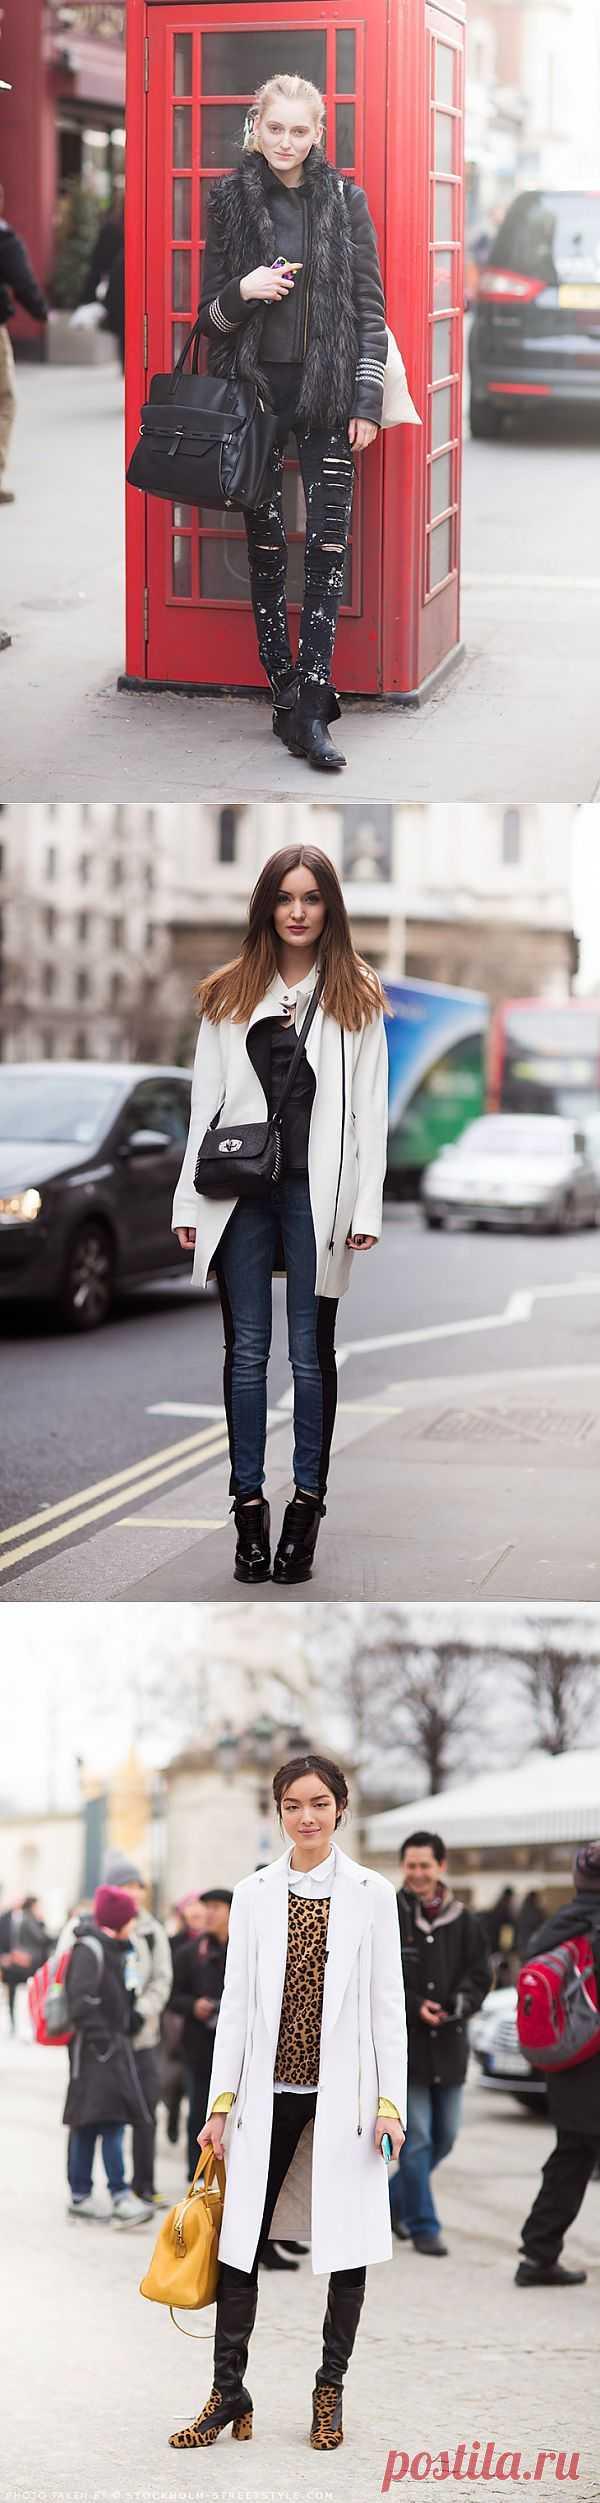 Street Style (подборка) / Street Style / Модный сайт о стильной переделке одежды и интерьера